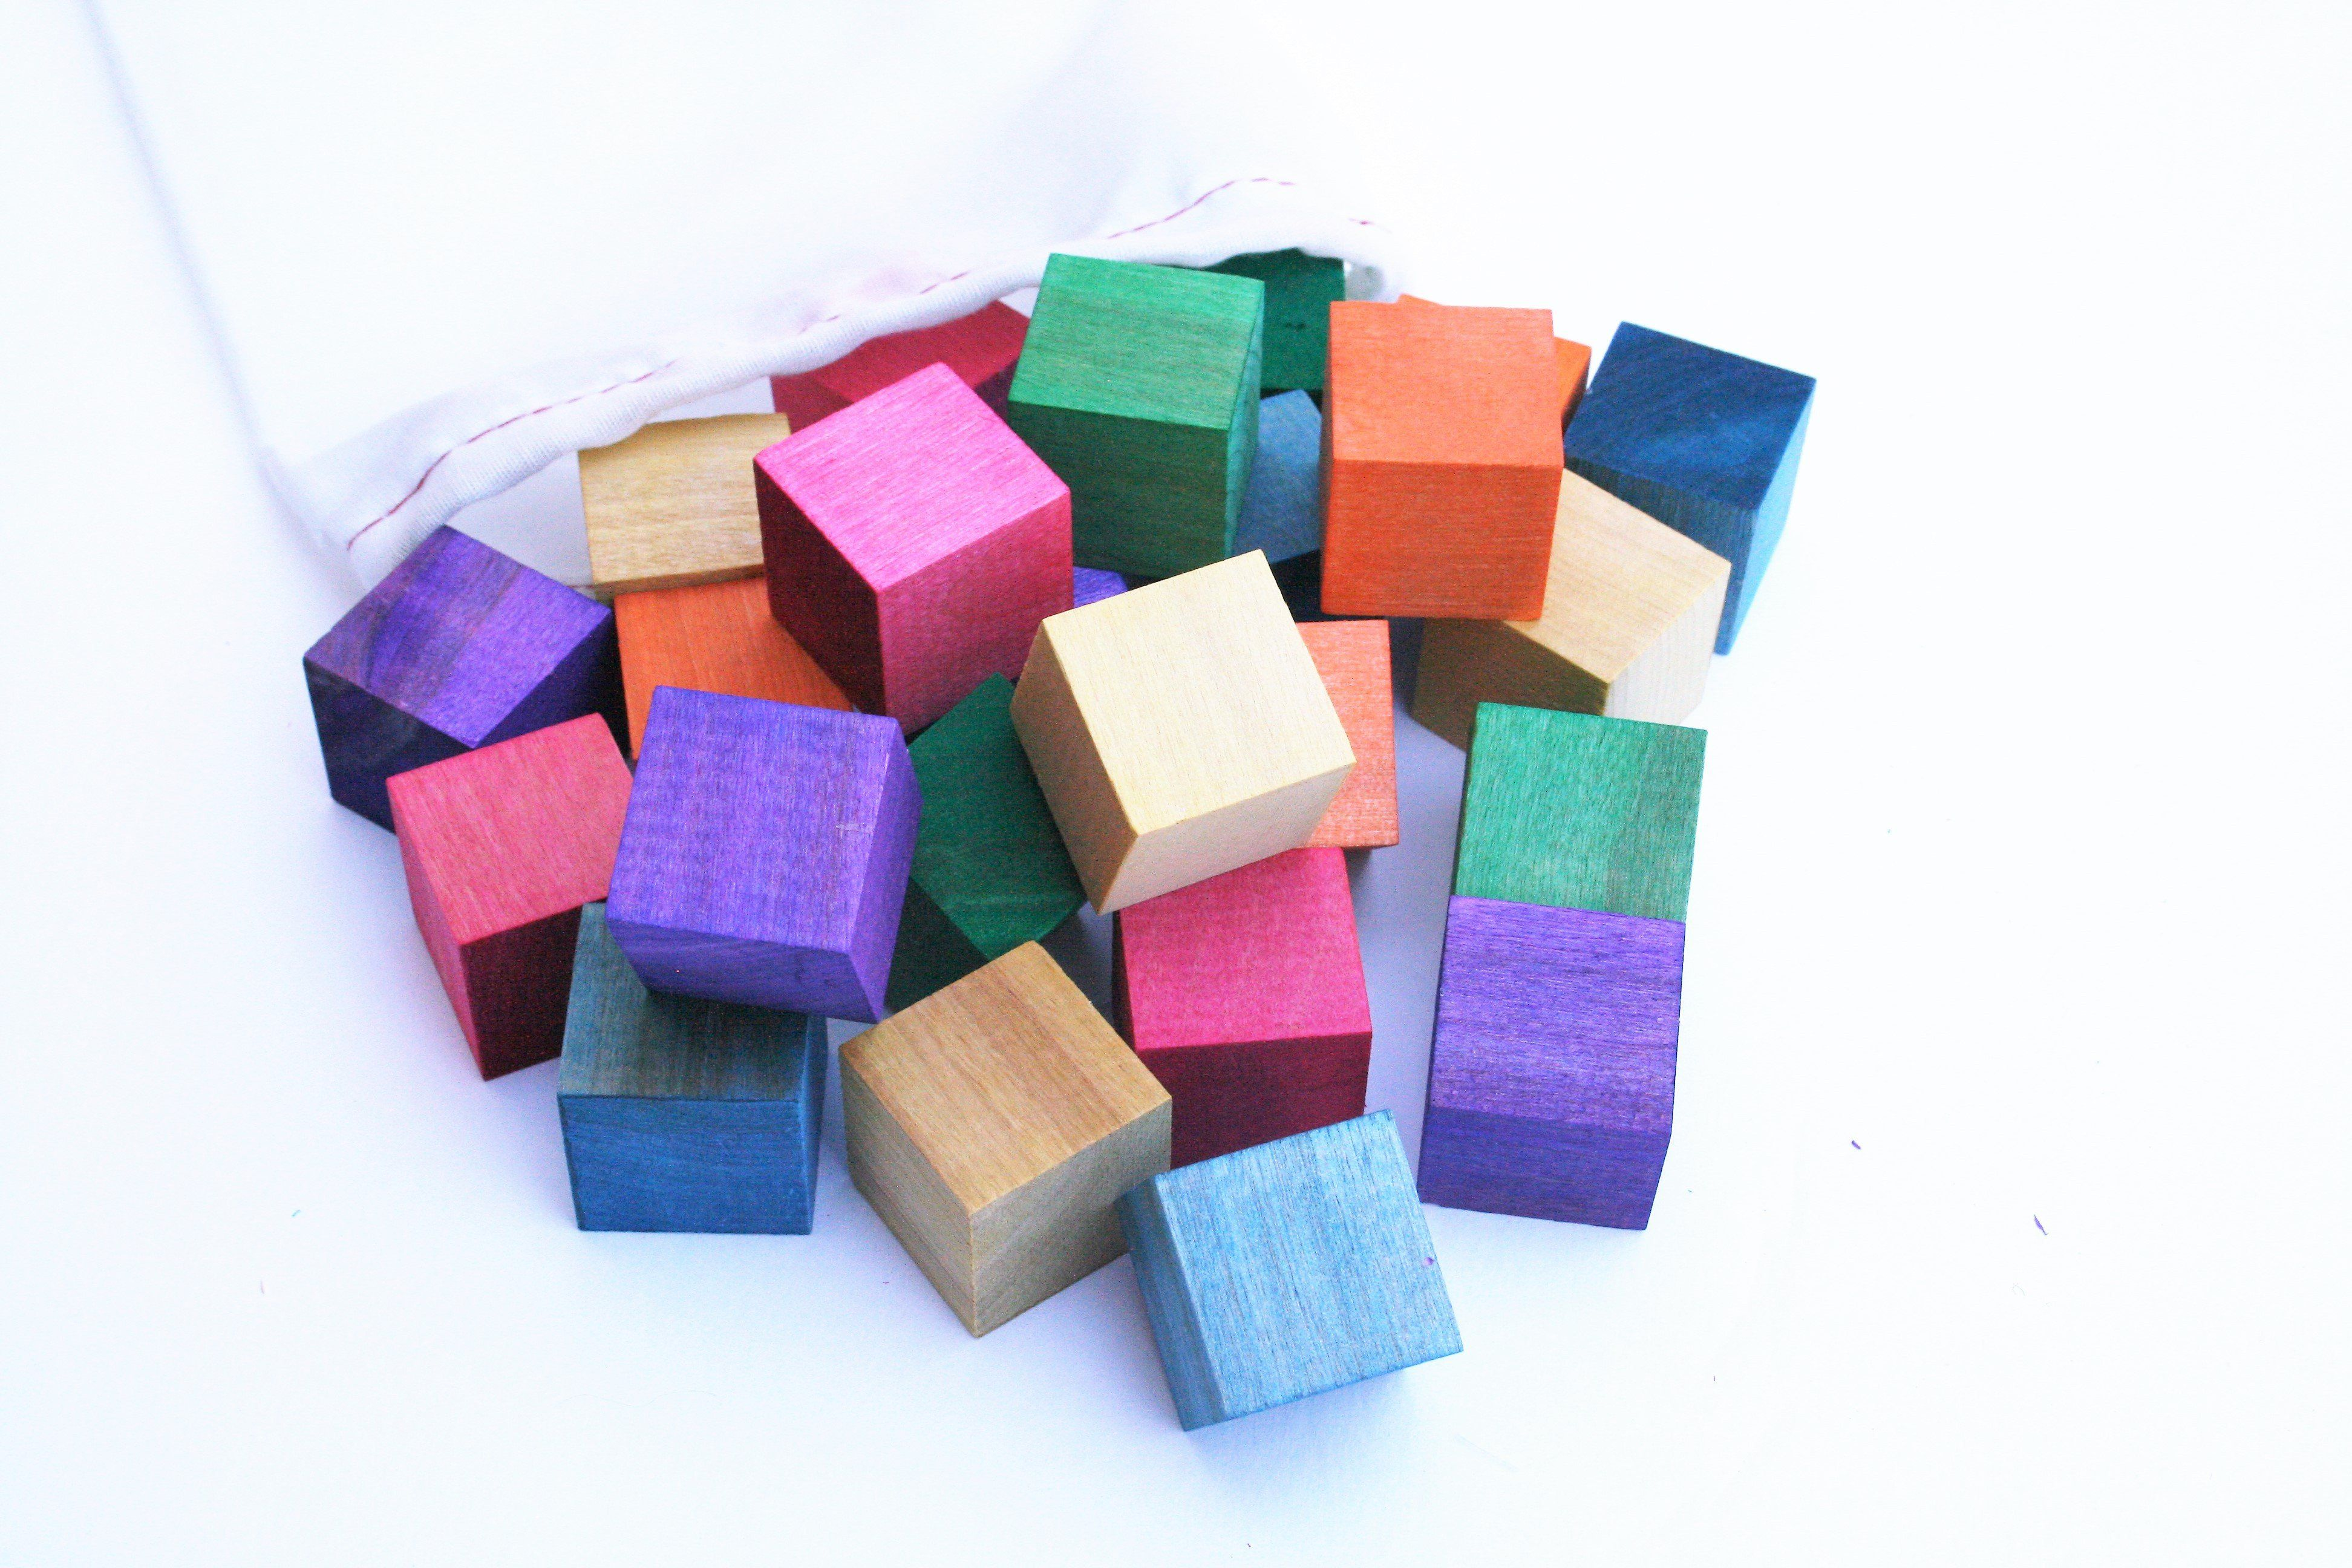 Watercolor Counting Mini Blocks